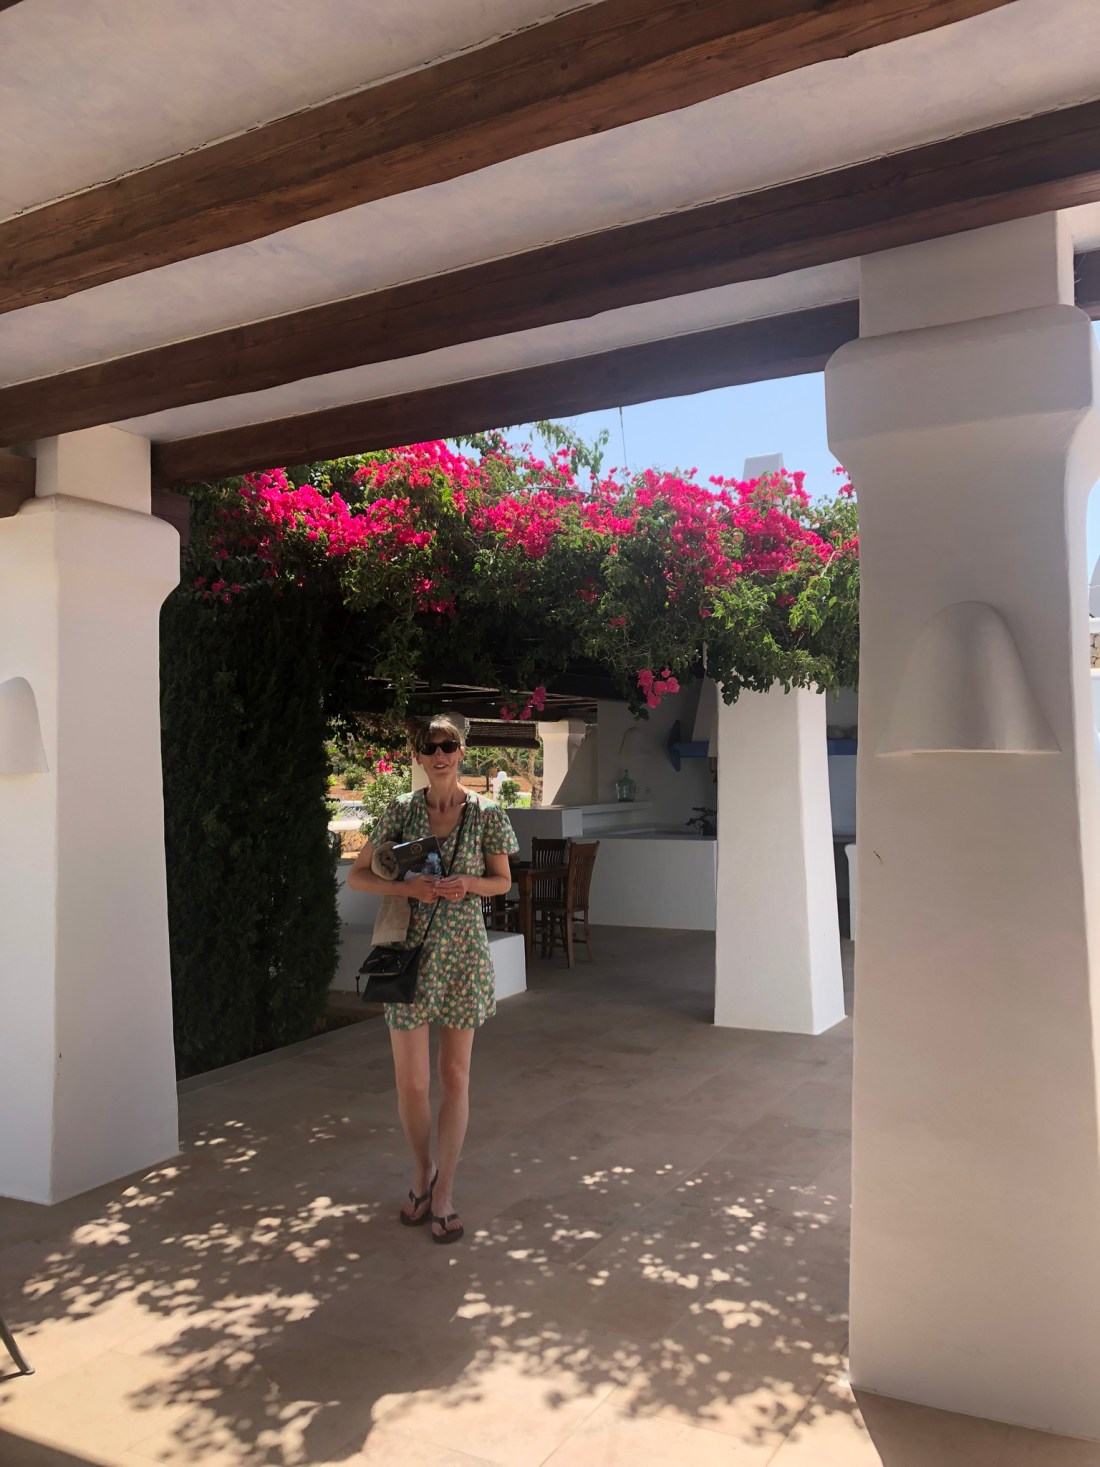 Mum in the Ibiza gardens